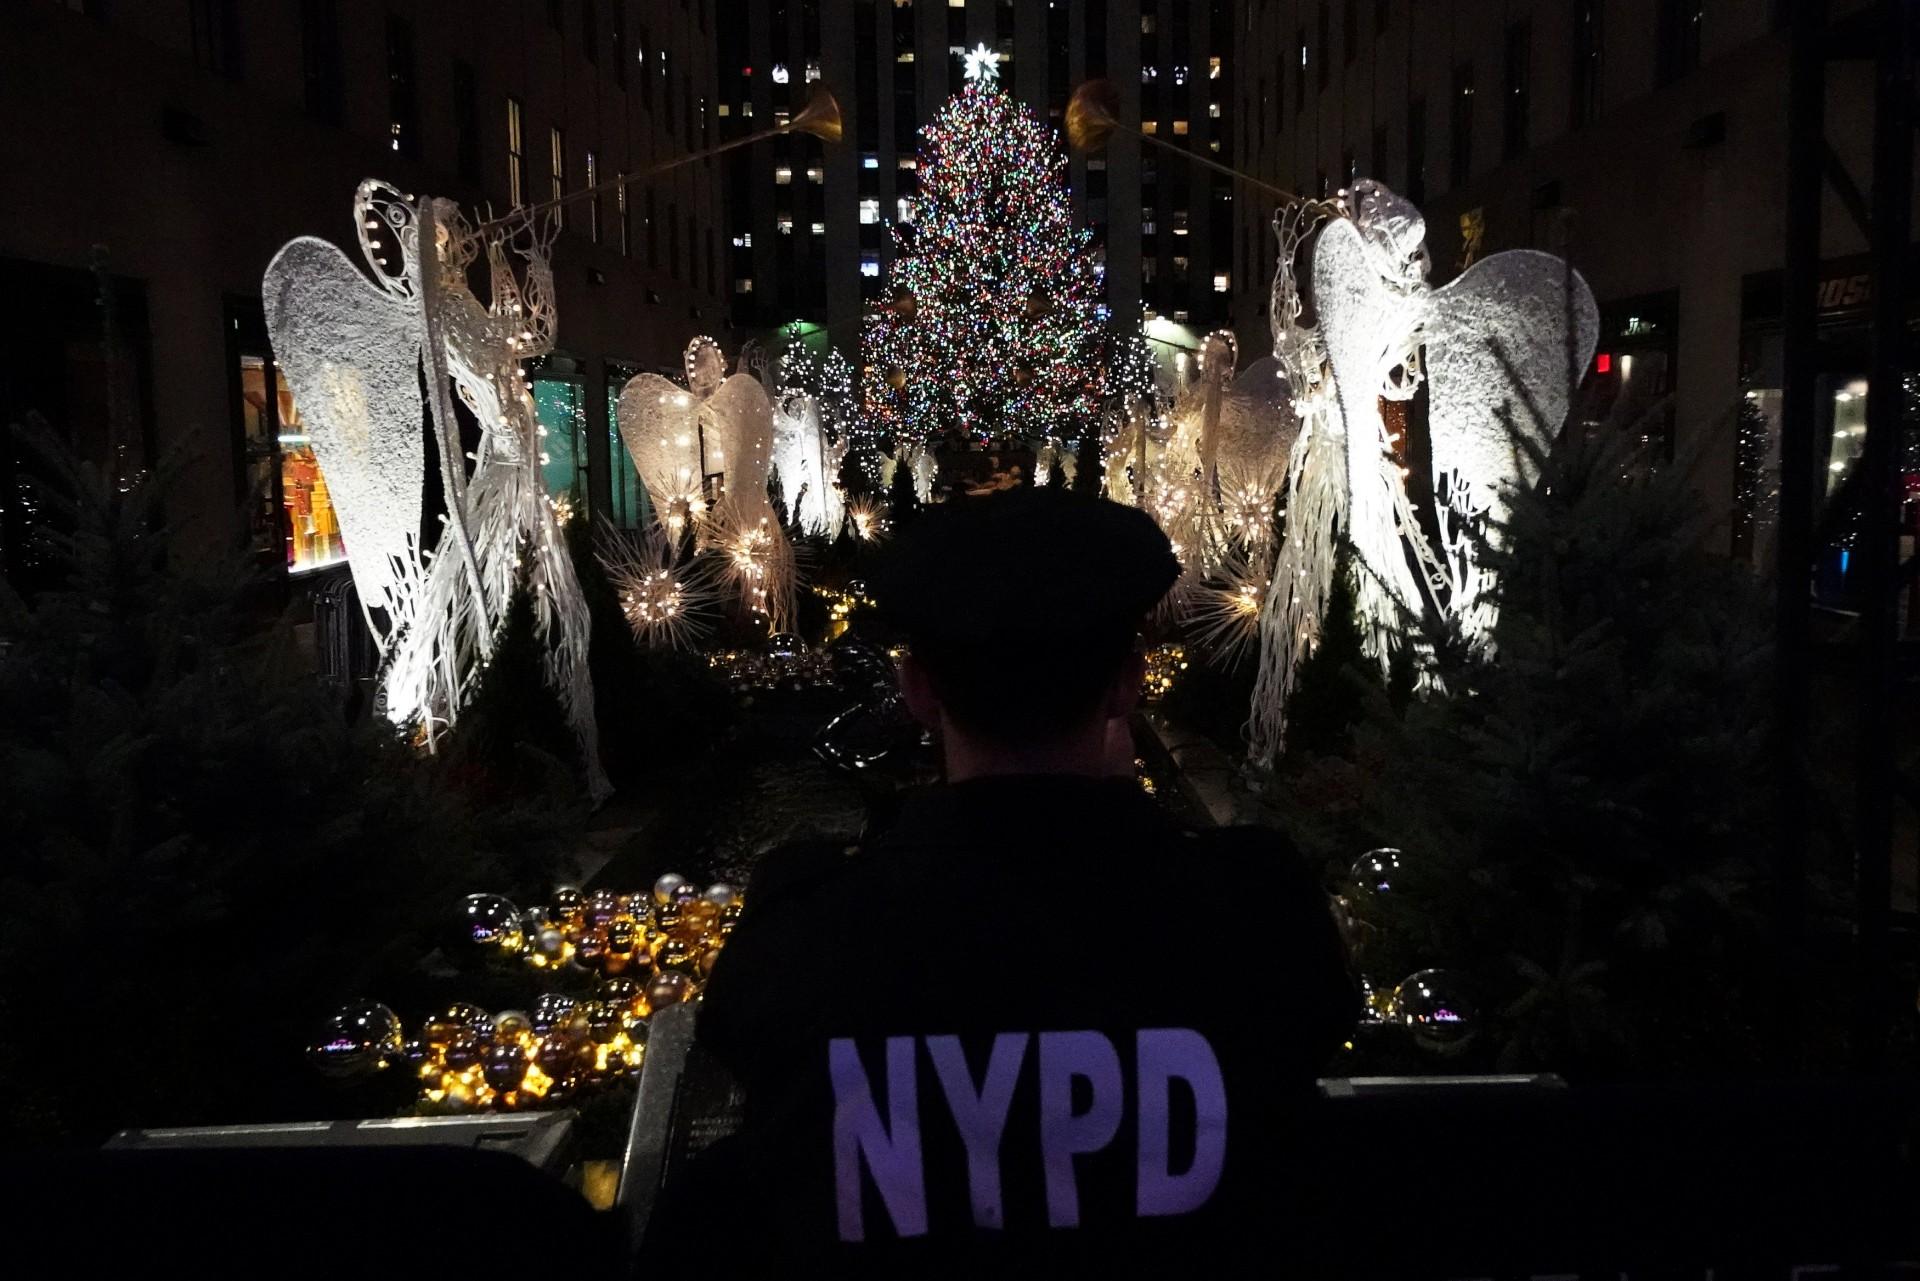 Las festividades de este año contaron con medidas de seguridad más estrictas luego del atentado terrorista del 31 de octubre en el que un hombre condujo una camioneta a una ciclovía cerca del World Trade Center, donde mató a ocho personas